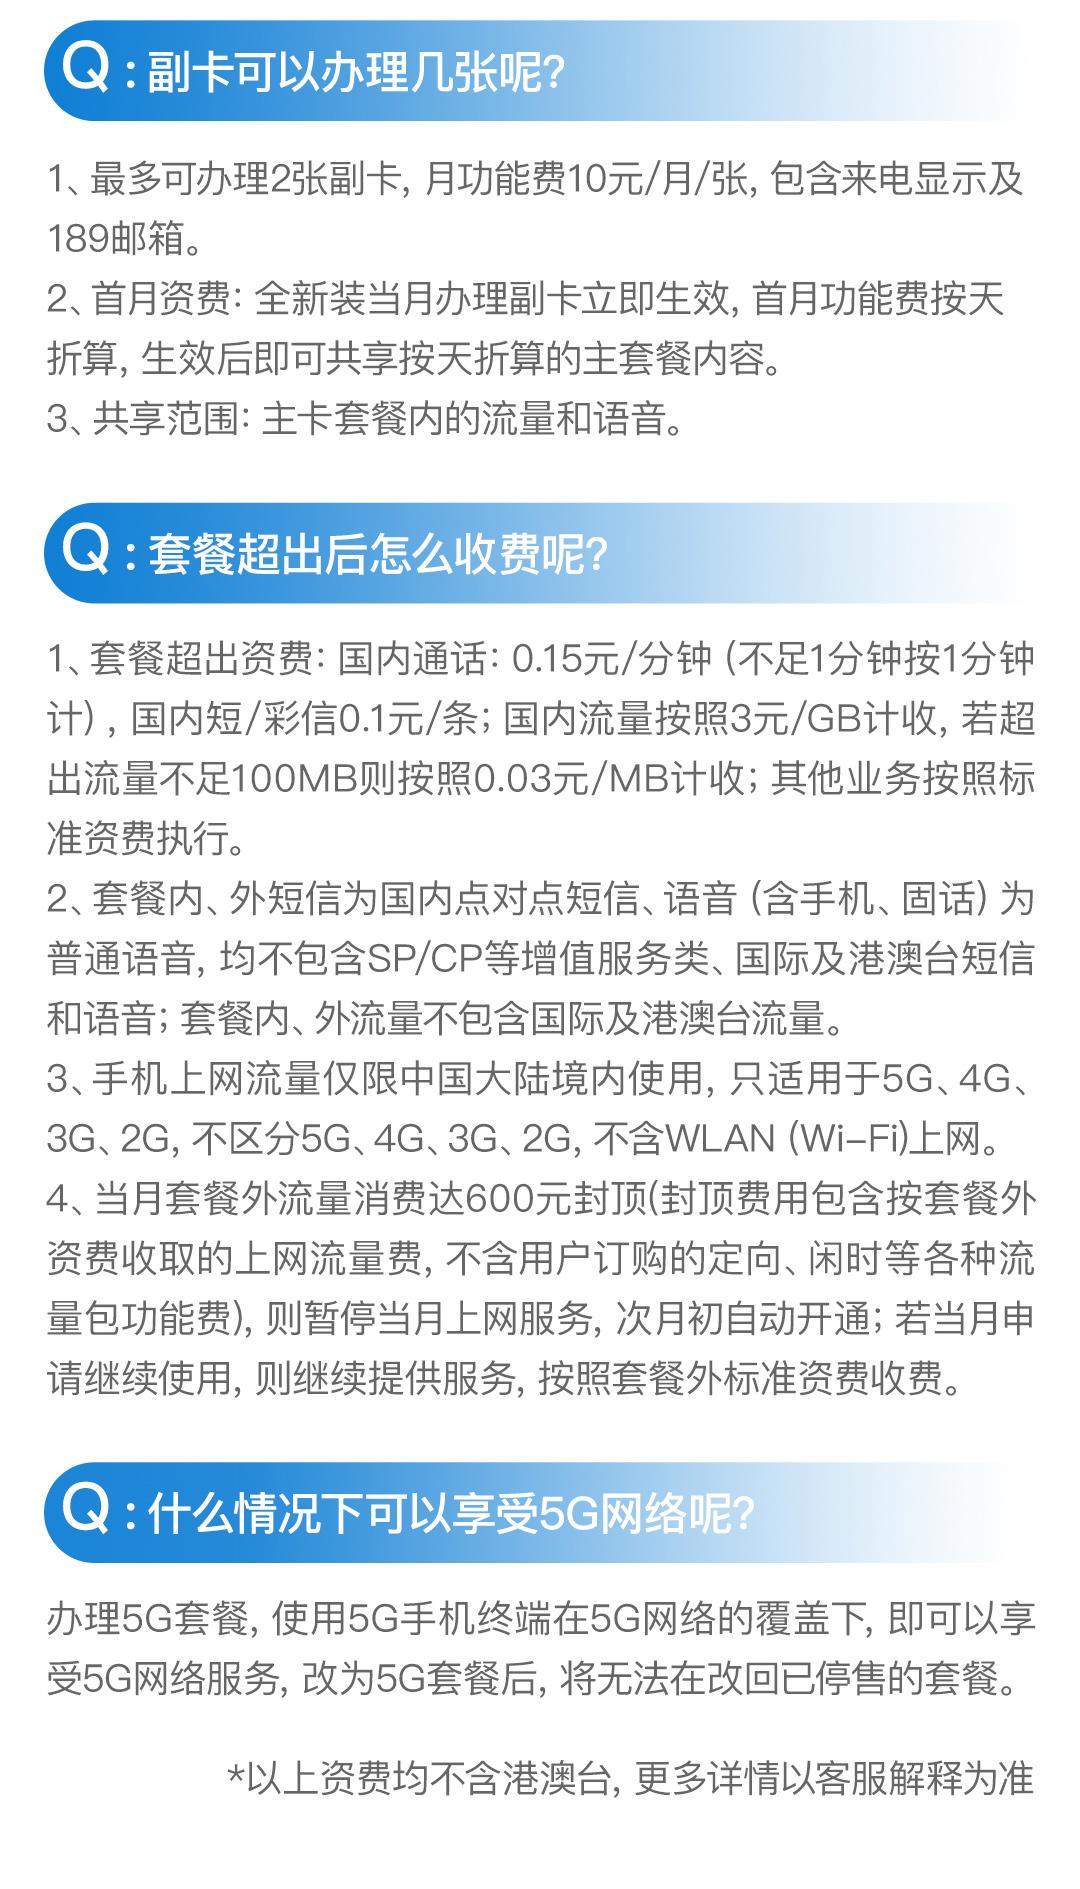 新用户--5G畅享套餐-2021.2.5(1)(1)_02.jpg